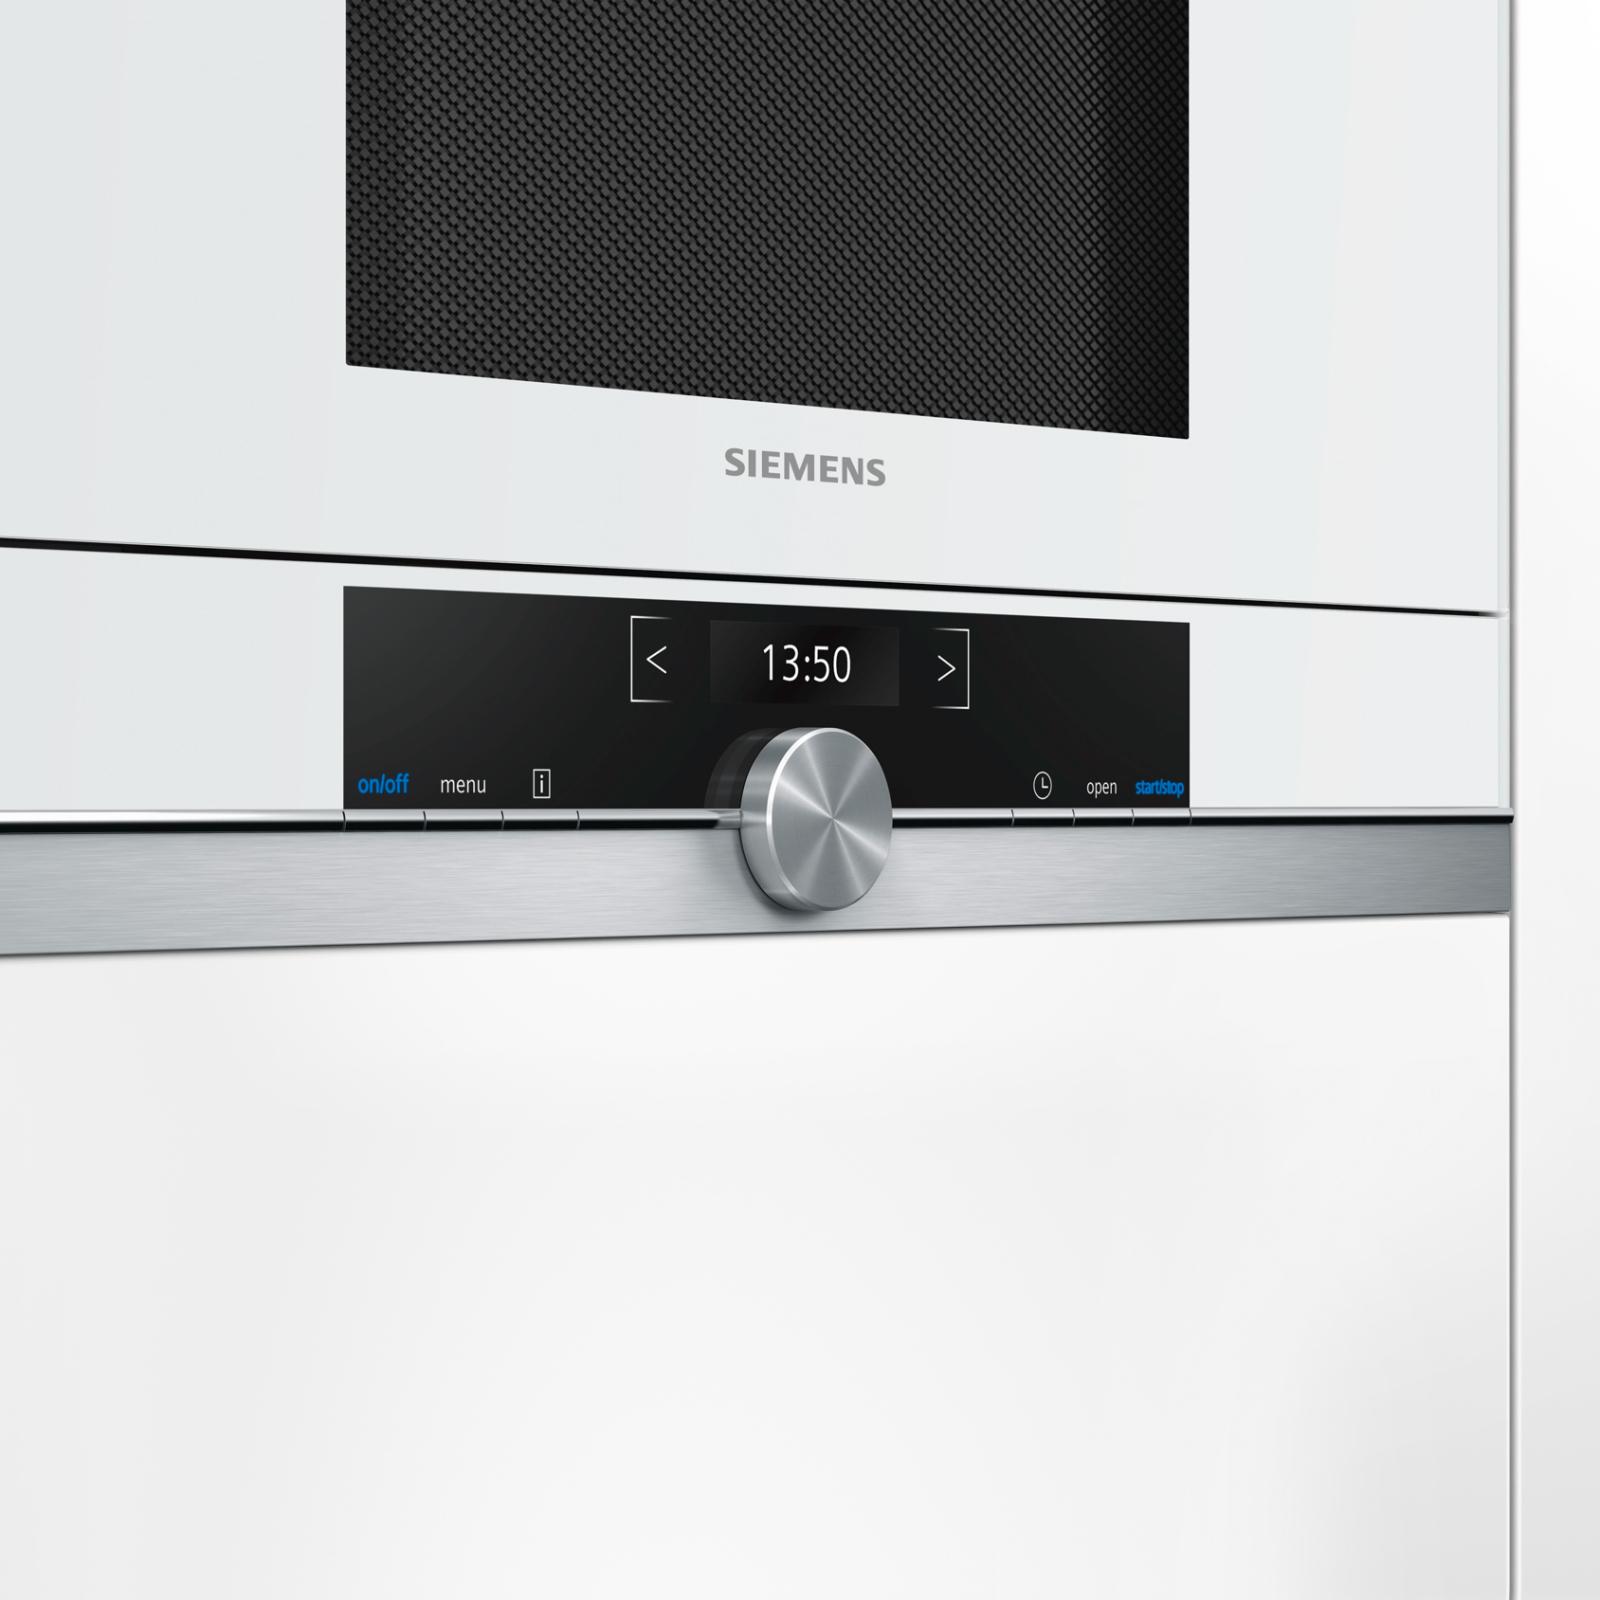 Микроволновая печь Siemens BF 634 RGW1 (BF634RGW1) изображение 2